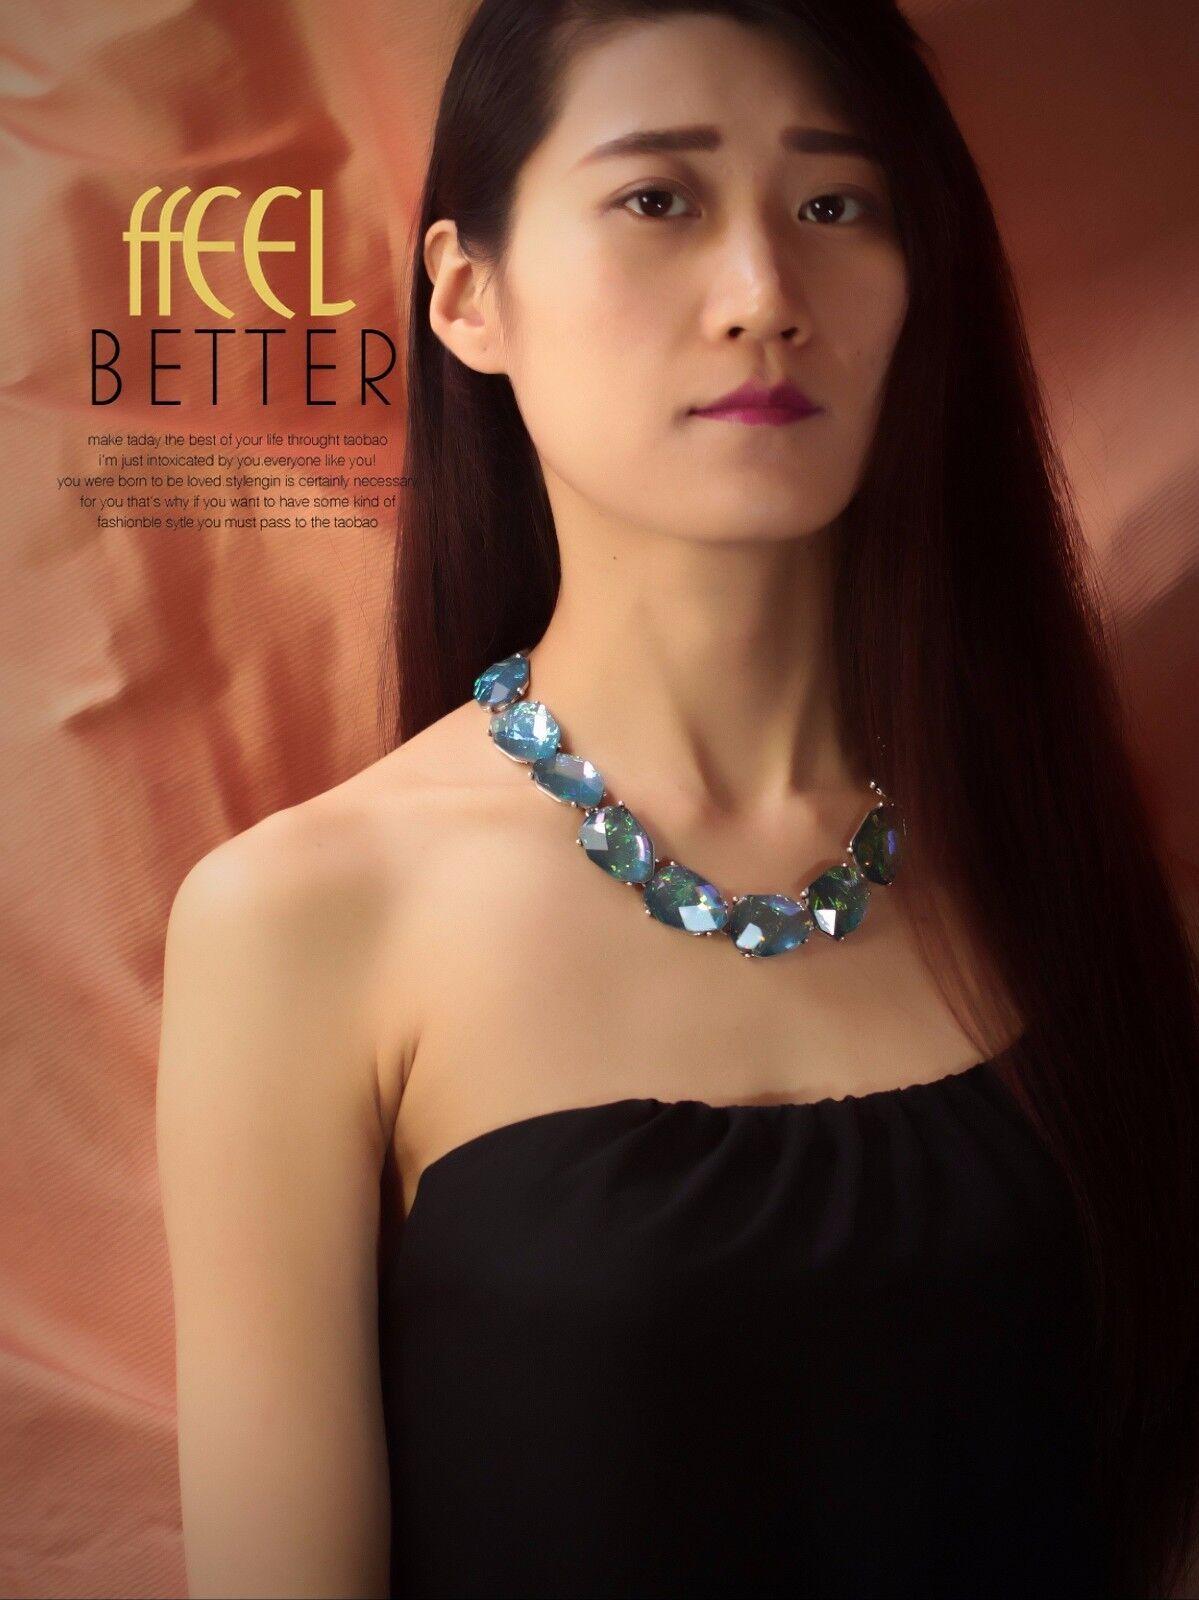 Halskette RAS Hals golden Cabochon facettiert blue green Tropf unregelmäßigen az